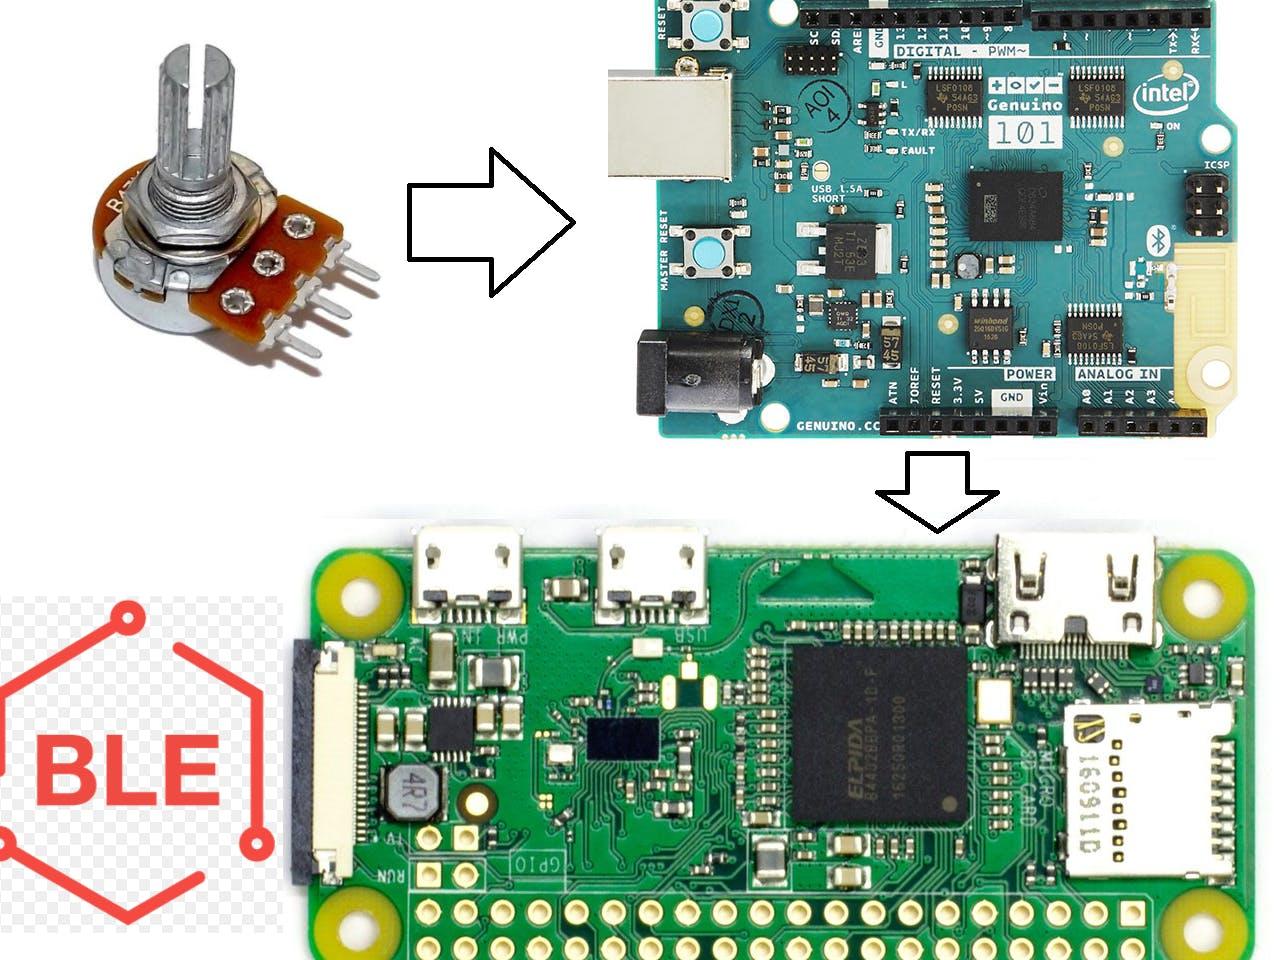 Arduino 101 Connects with Raspberry Pi Zero W